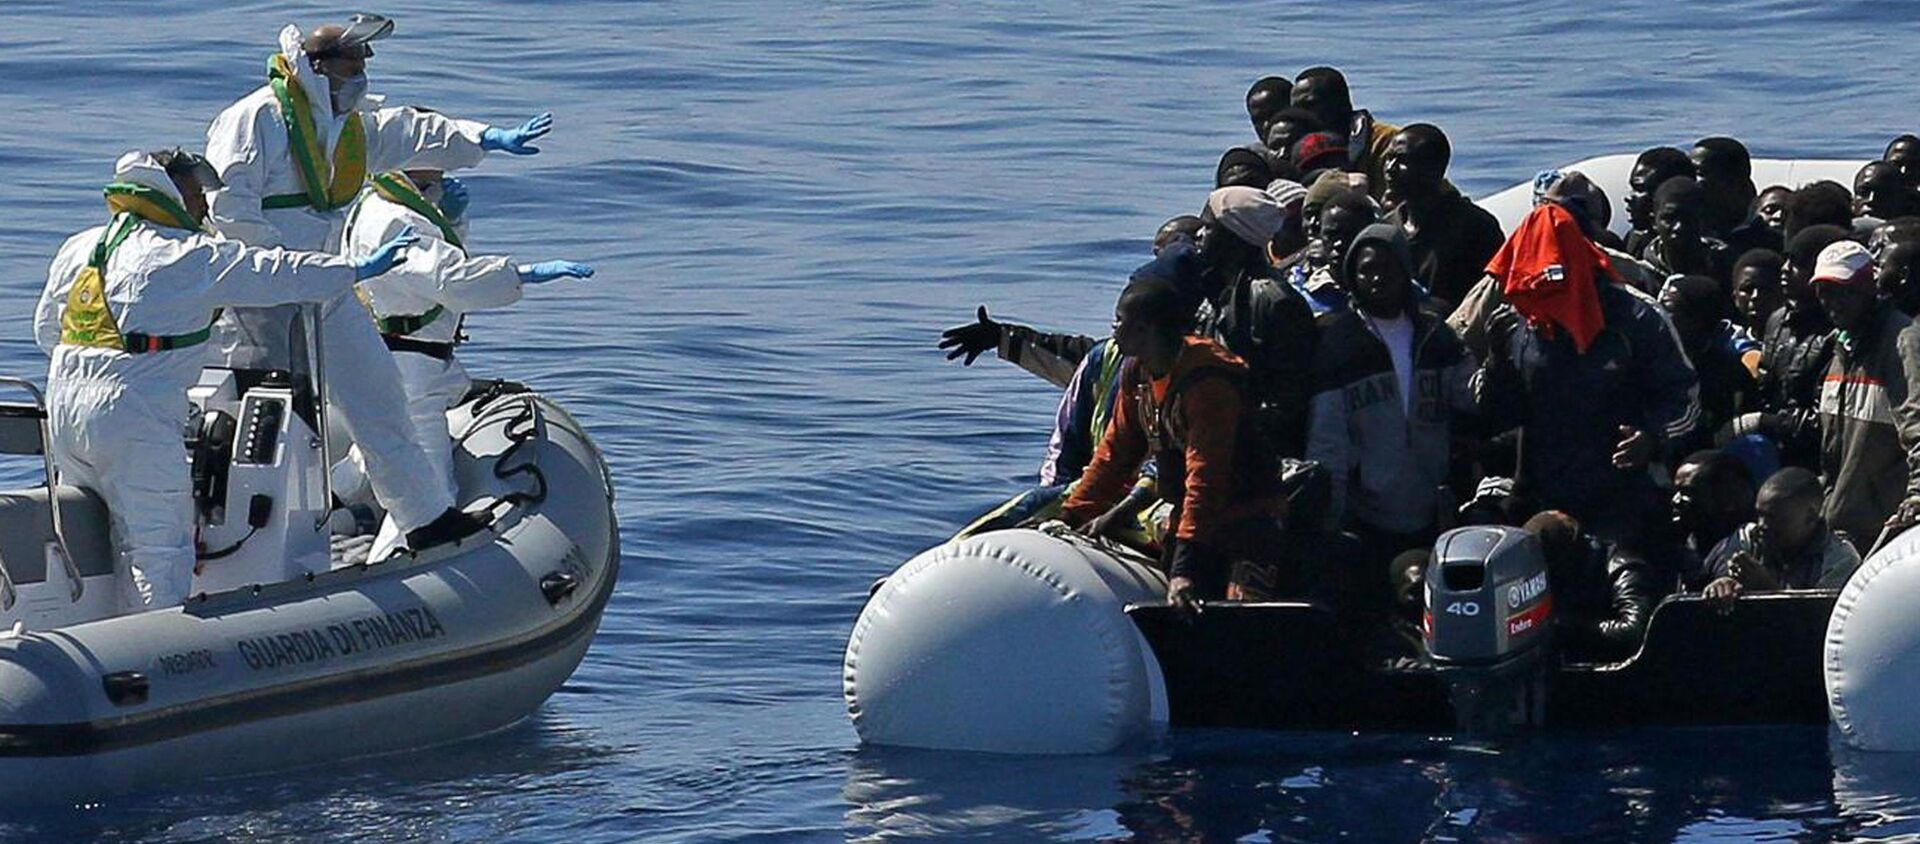 Agenti della Guardia di finanza soccorre i migranti al largo delle coste della Libia - Sputnik Italia, 1920, 02.05.2021